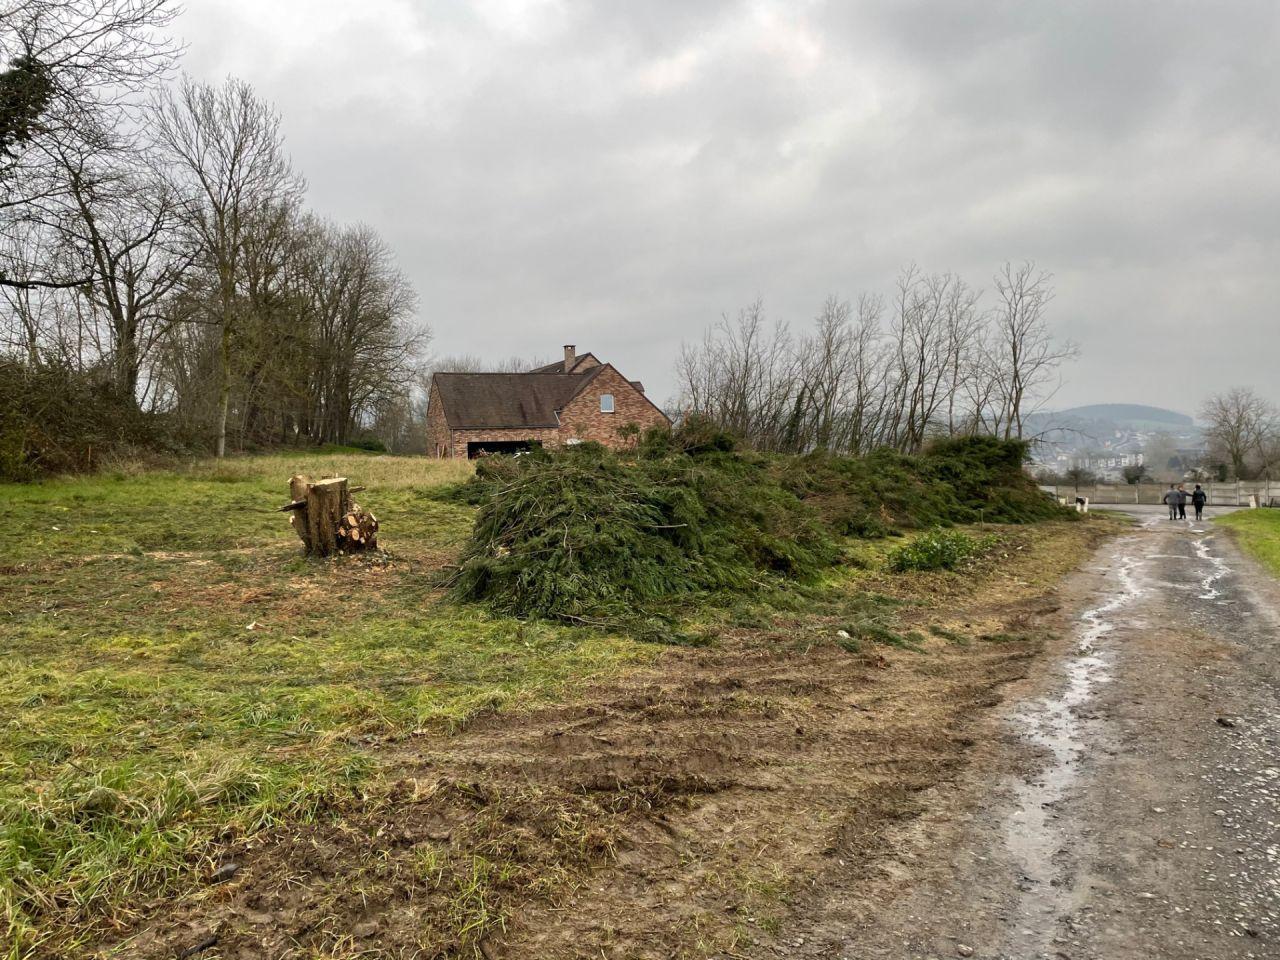 Coupe des grands arbres sur le terrain